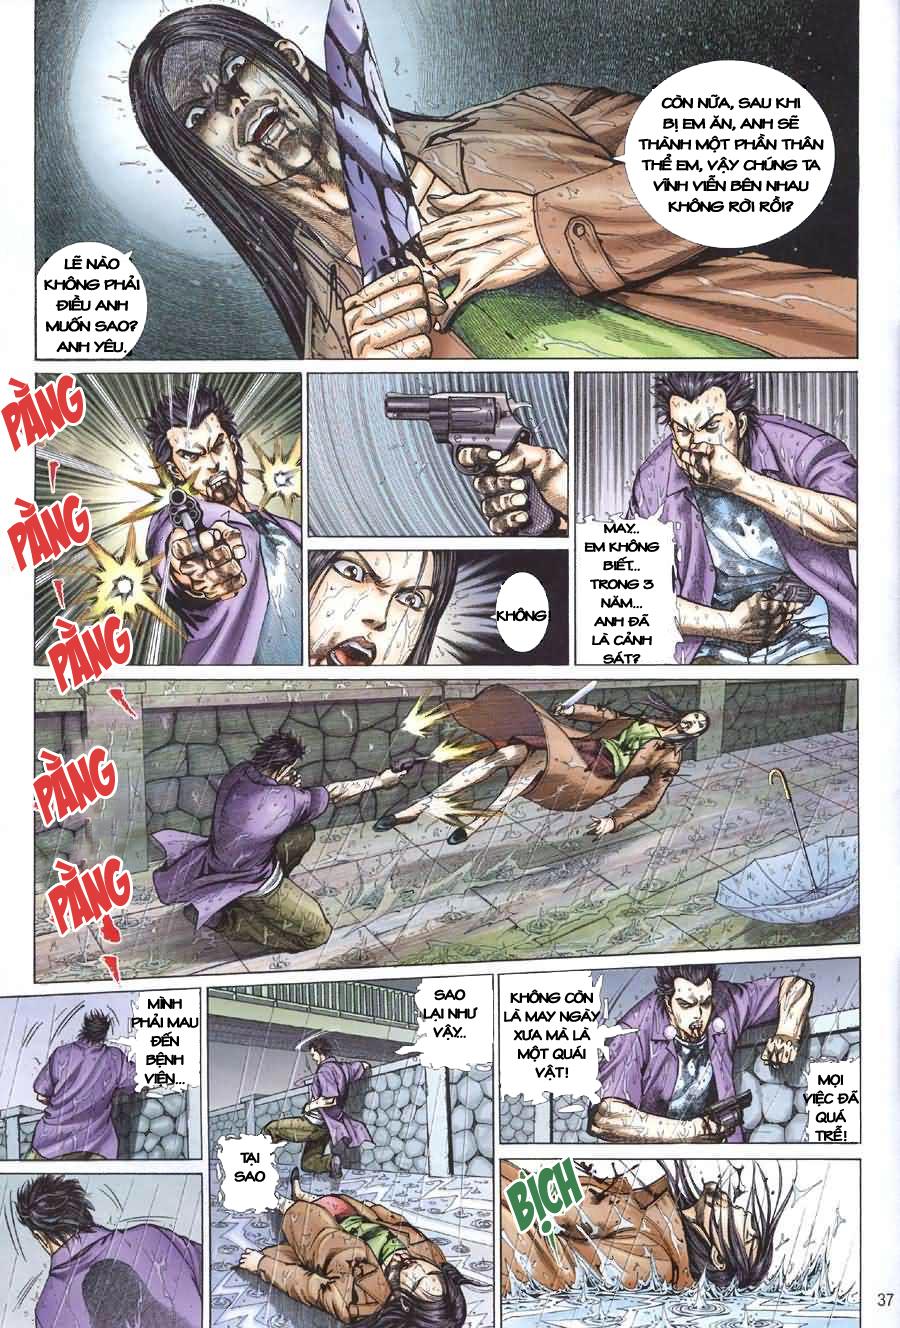 Quỷ Mộ chap 002 trang 37